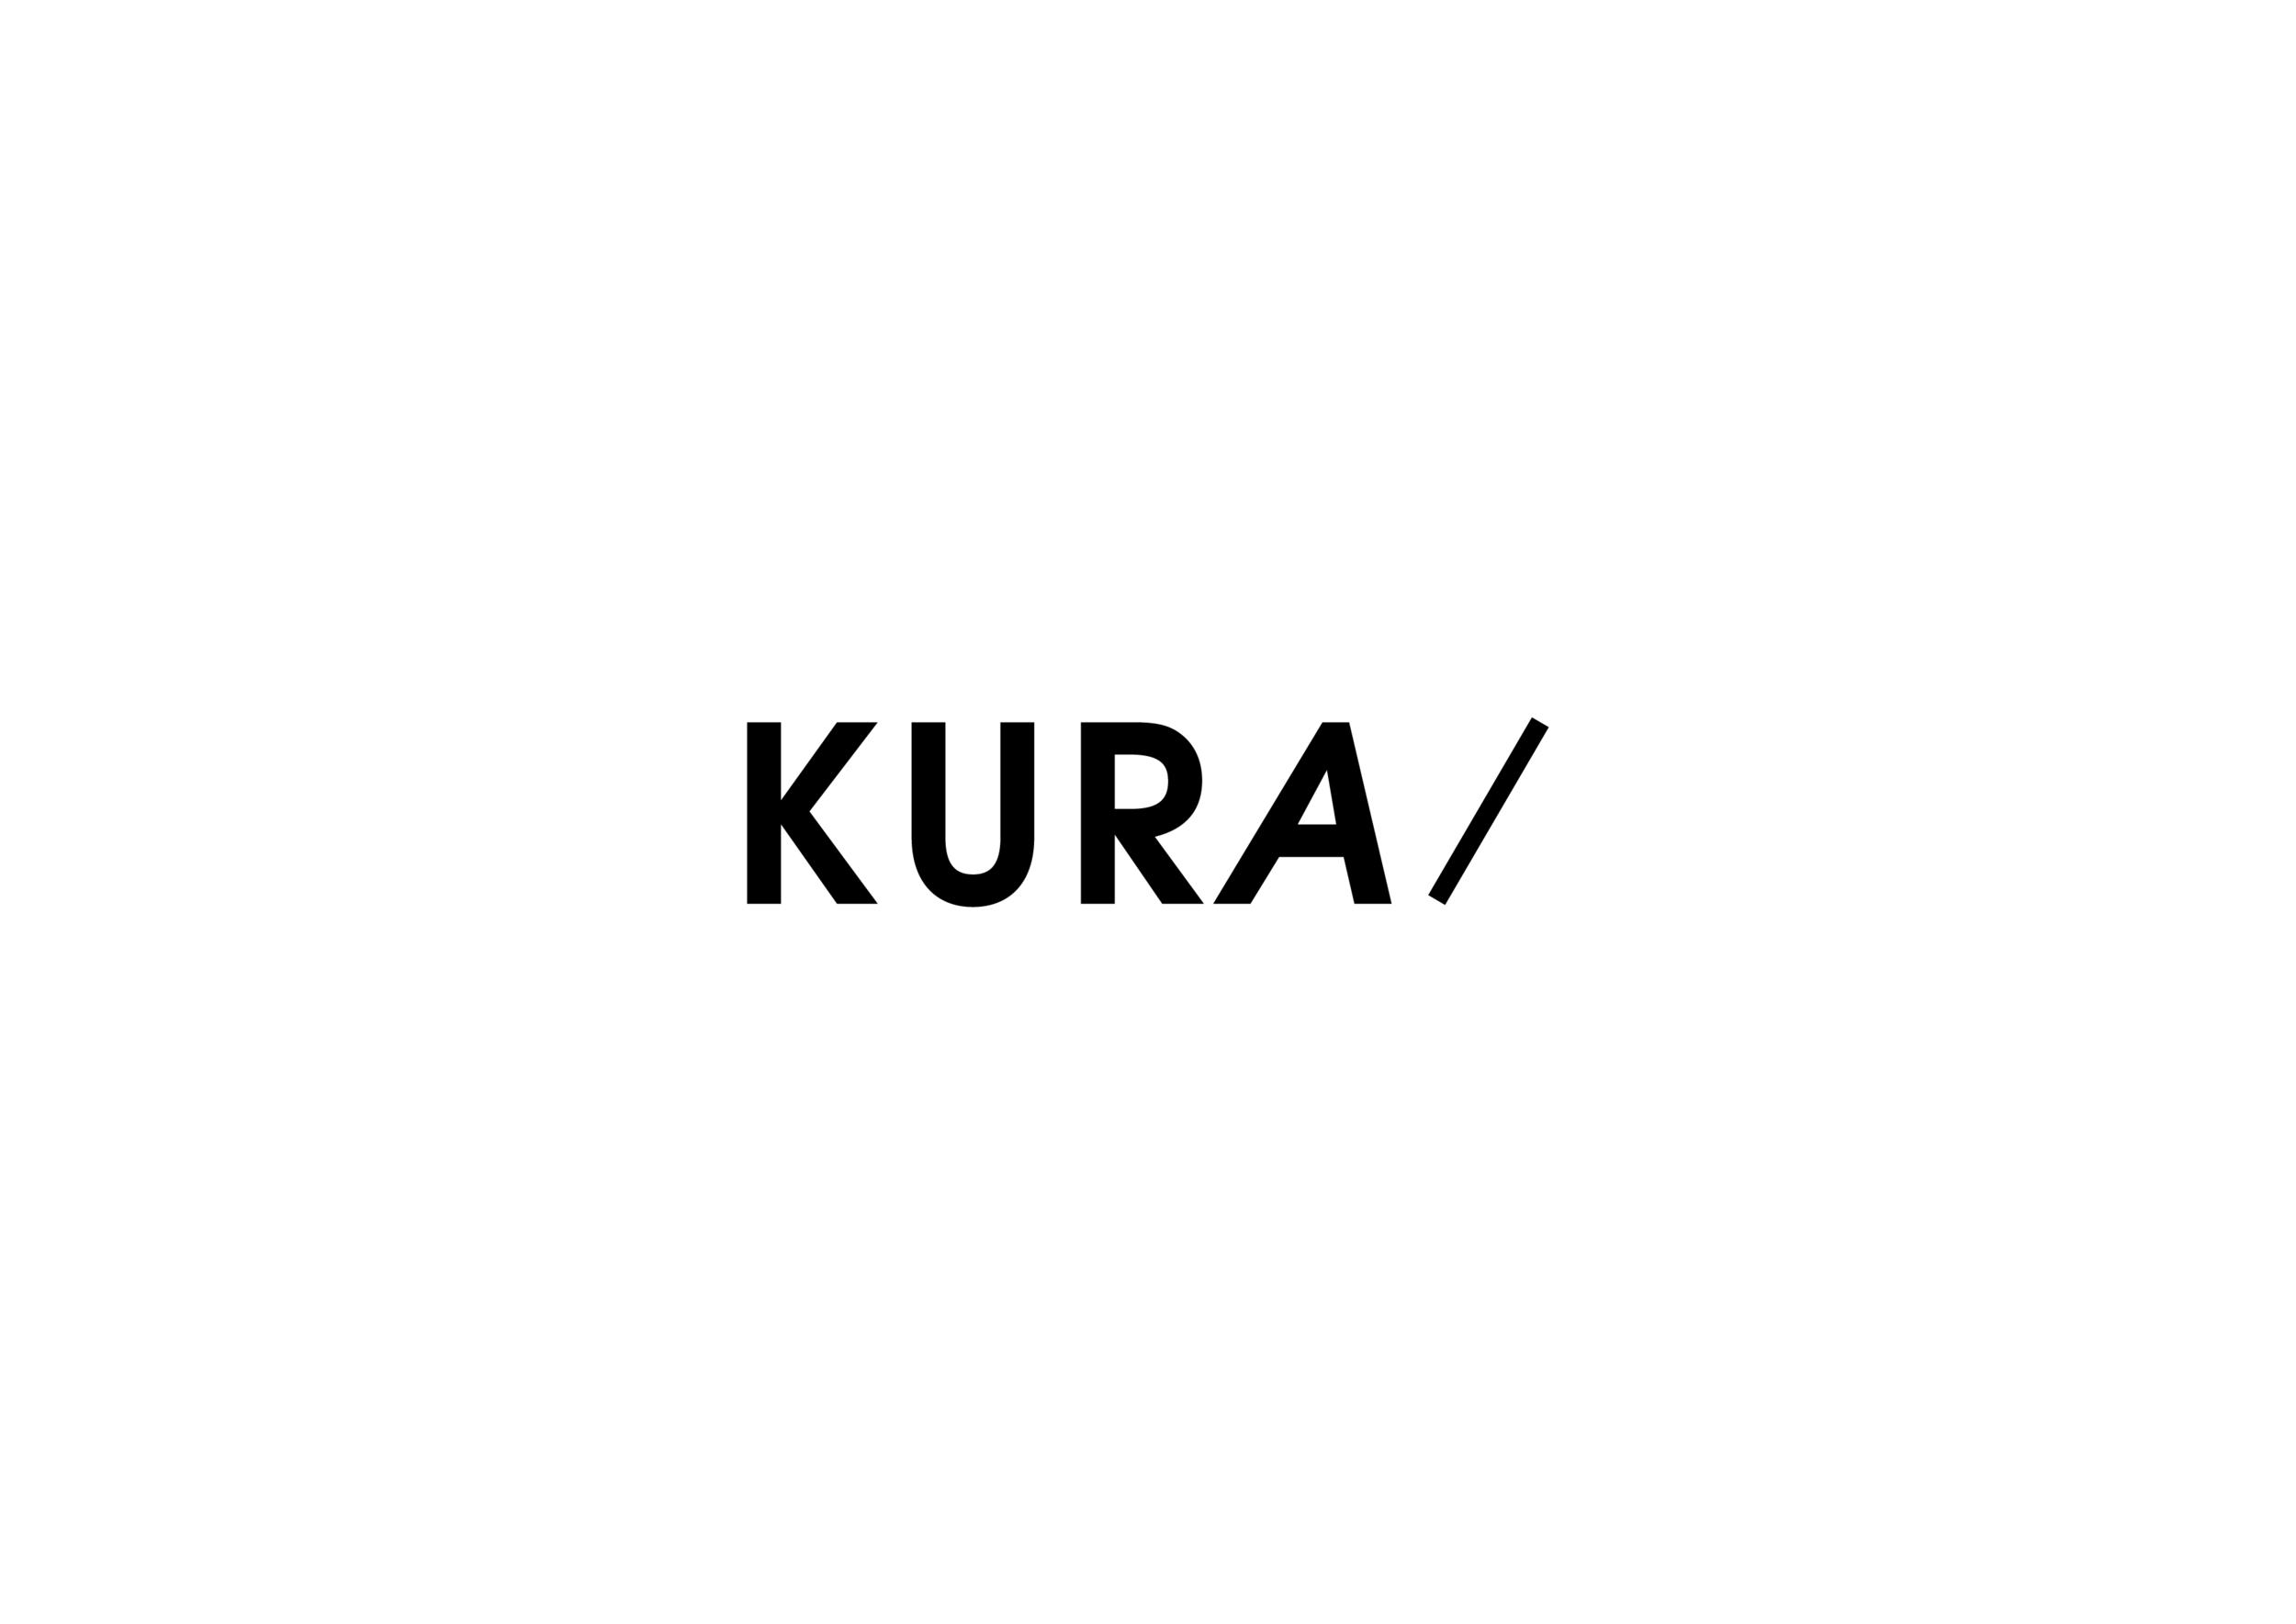 KURA_logo secundaria_RGB-04.png